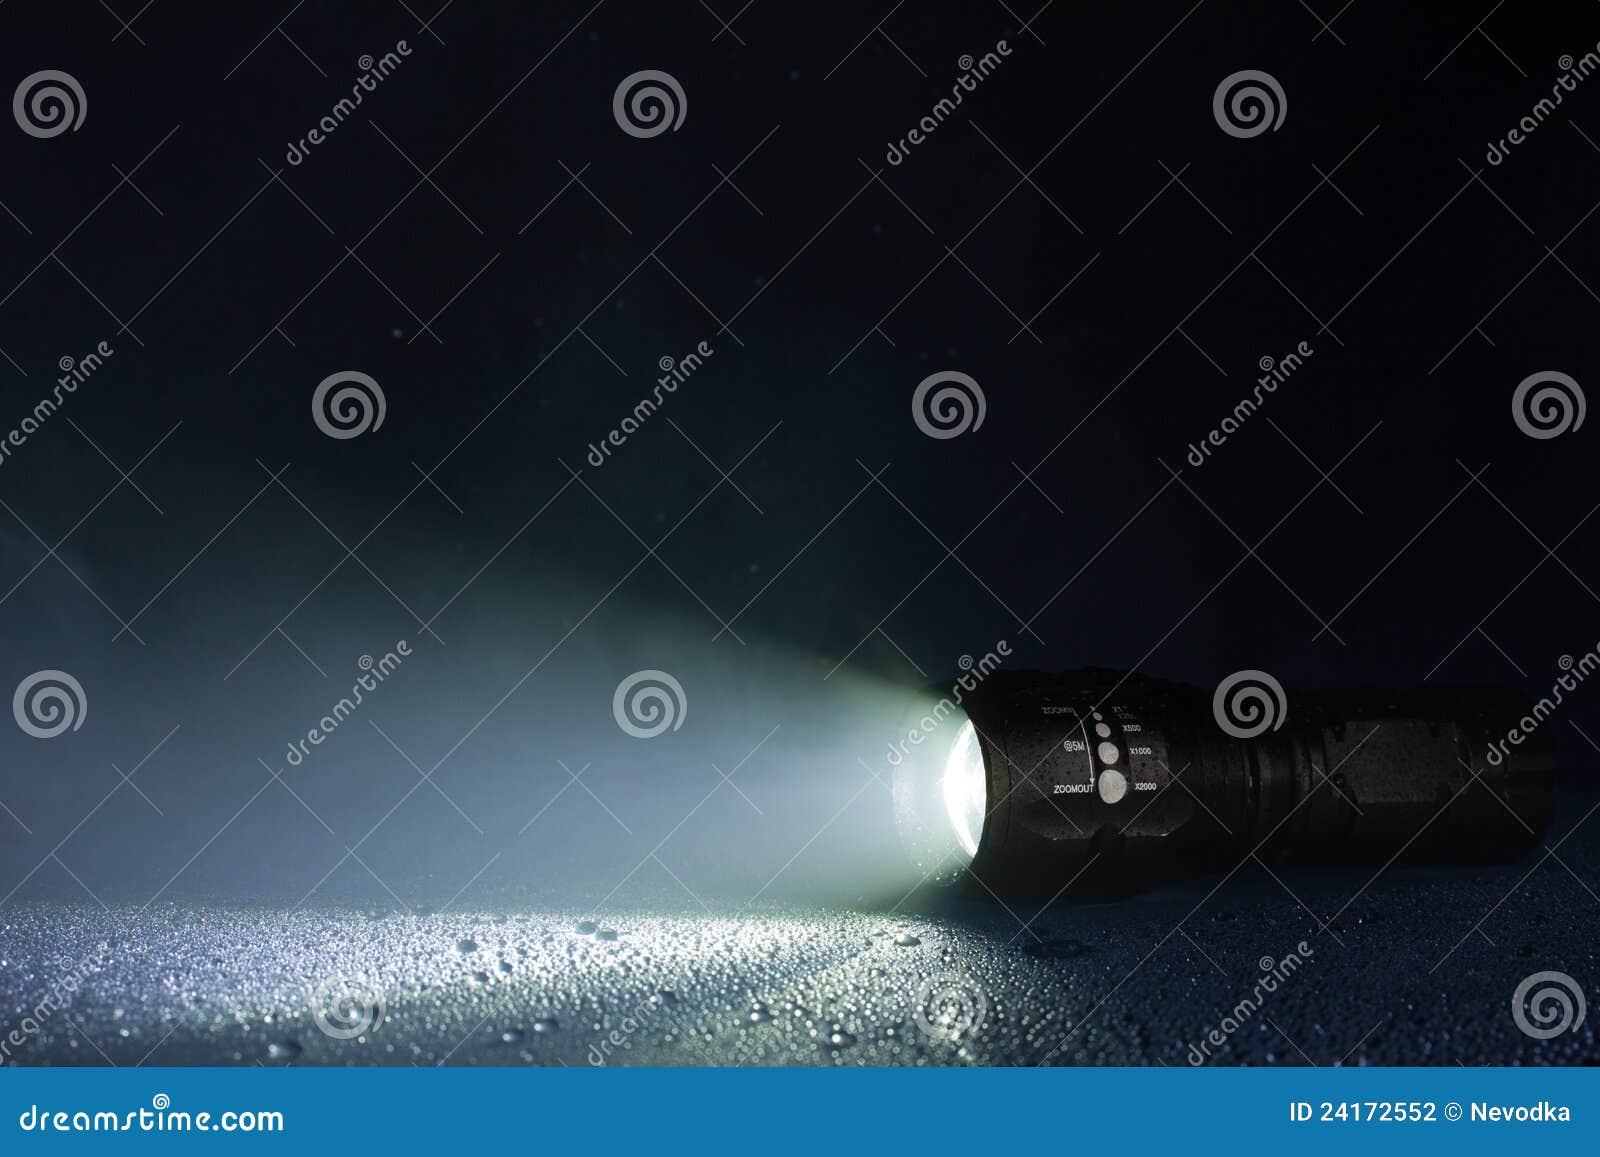 wasserdichte taschenlampe stockfotografie bild 24172552. Black Bedroom Furniture Sets. Home Design Ideas